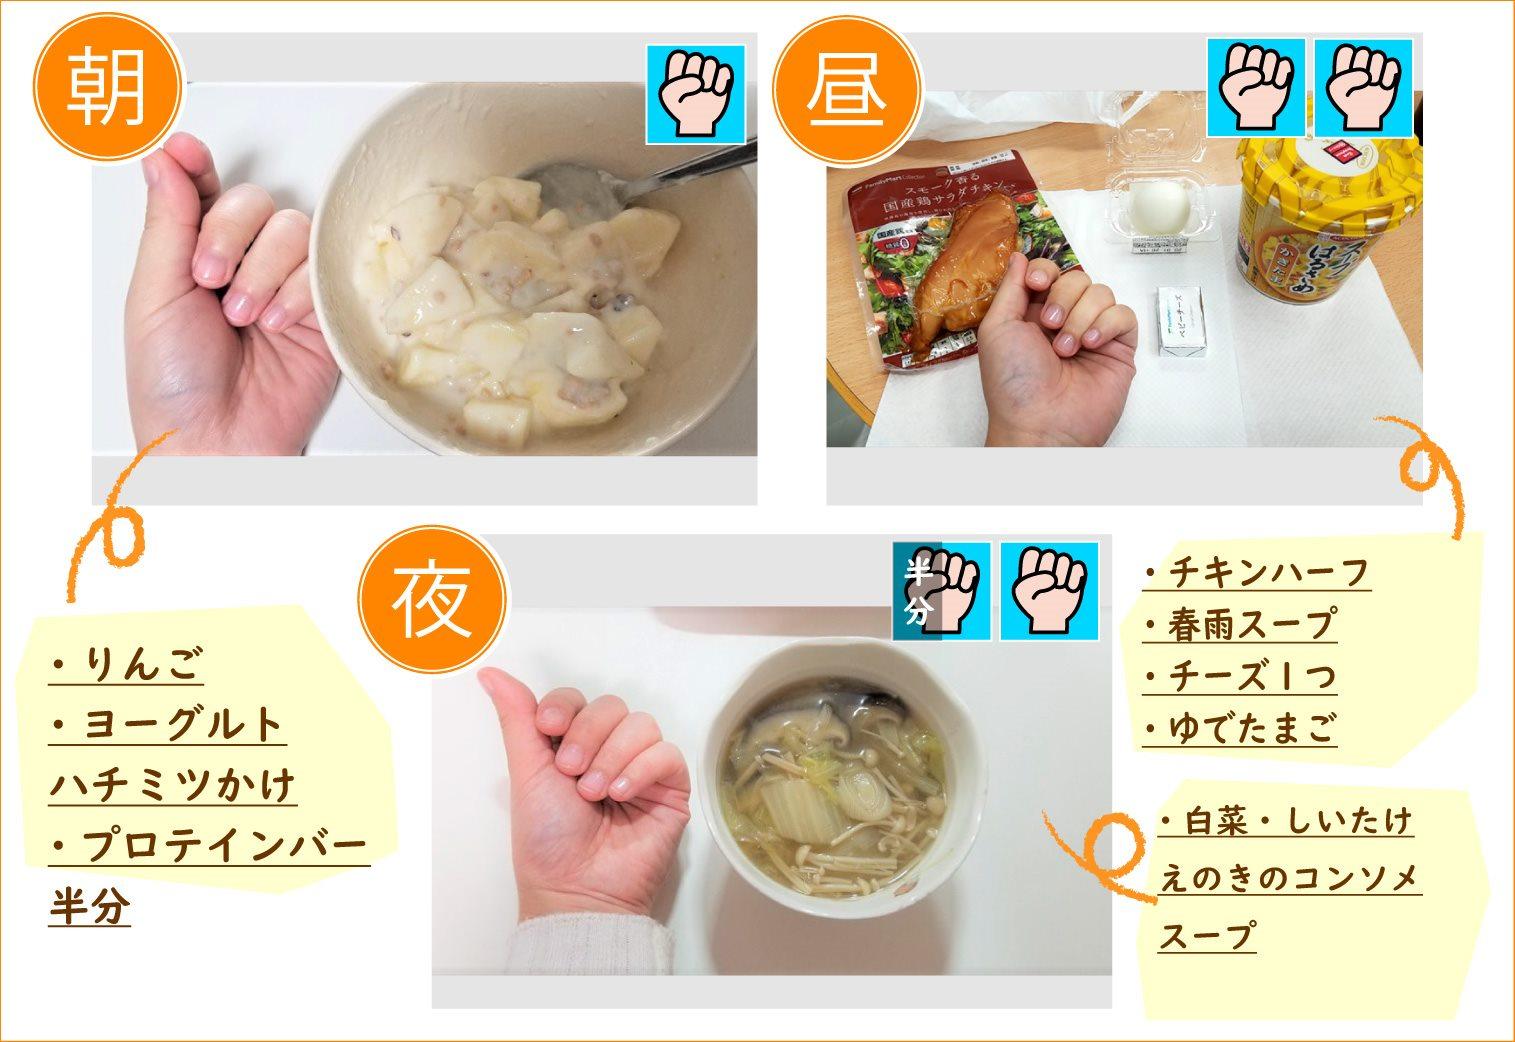 糖質制限 ダイエットメニュー記録【3週間目】\腸内環境を整えよう/